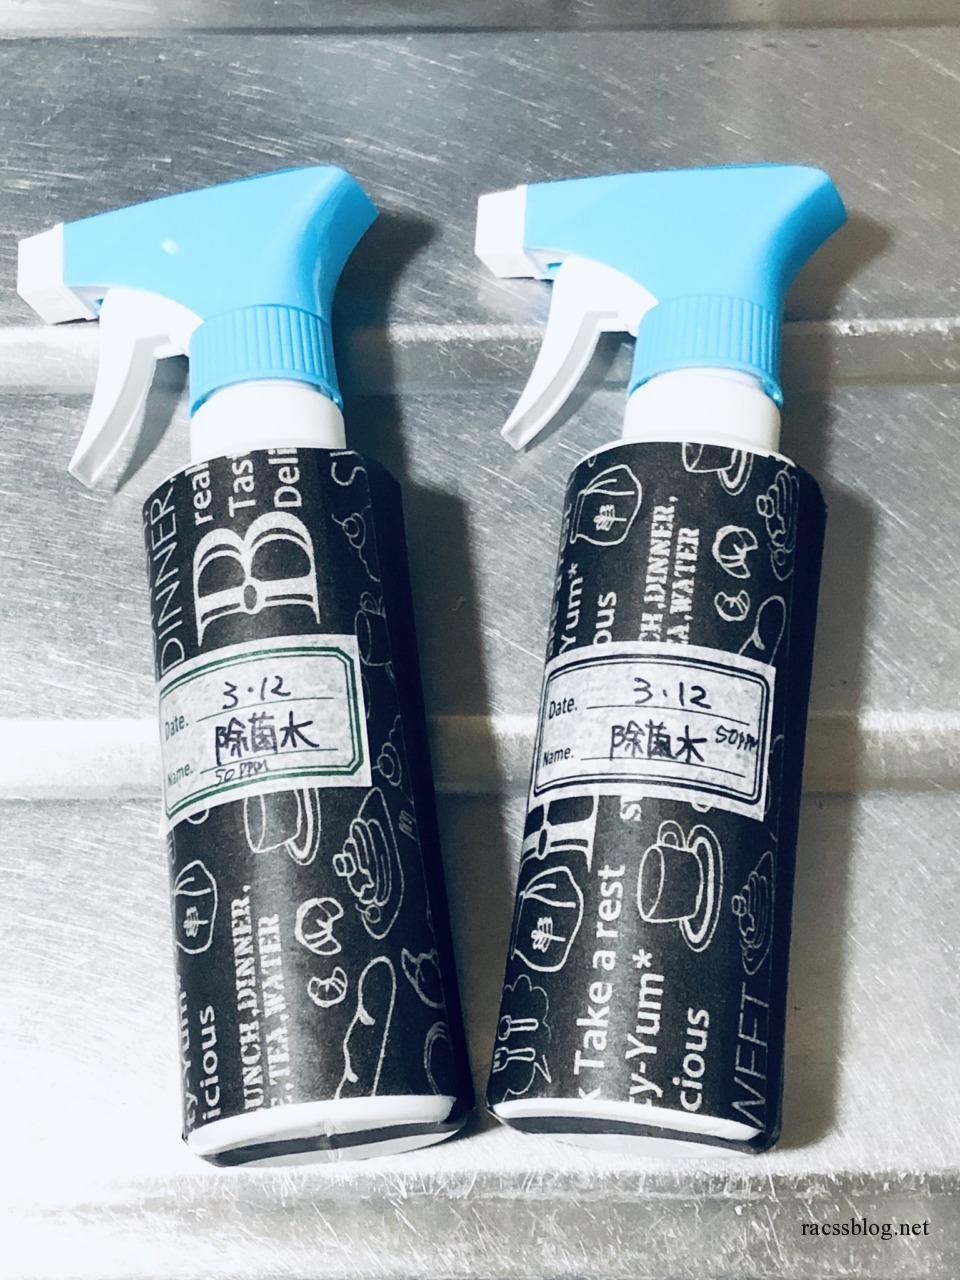 簡単!次亜塩素酸水の作り方手順|ジクロロイソシアヌル酸ナトリウムで|格安・たっぷり使えます